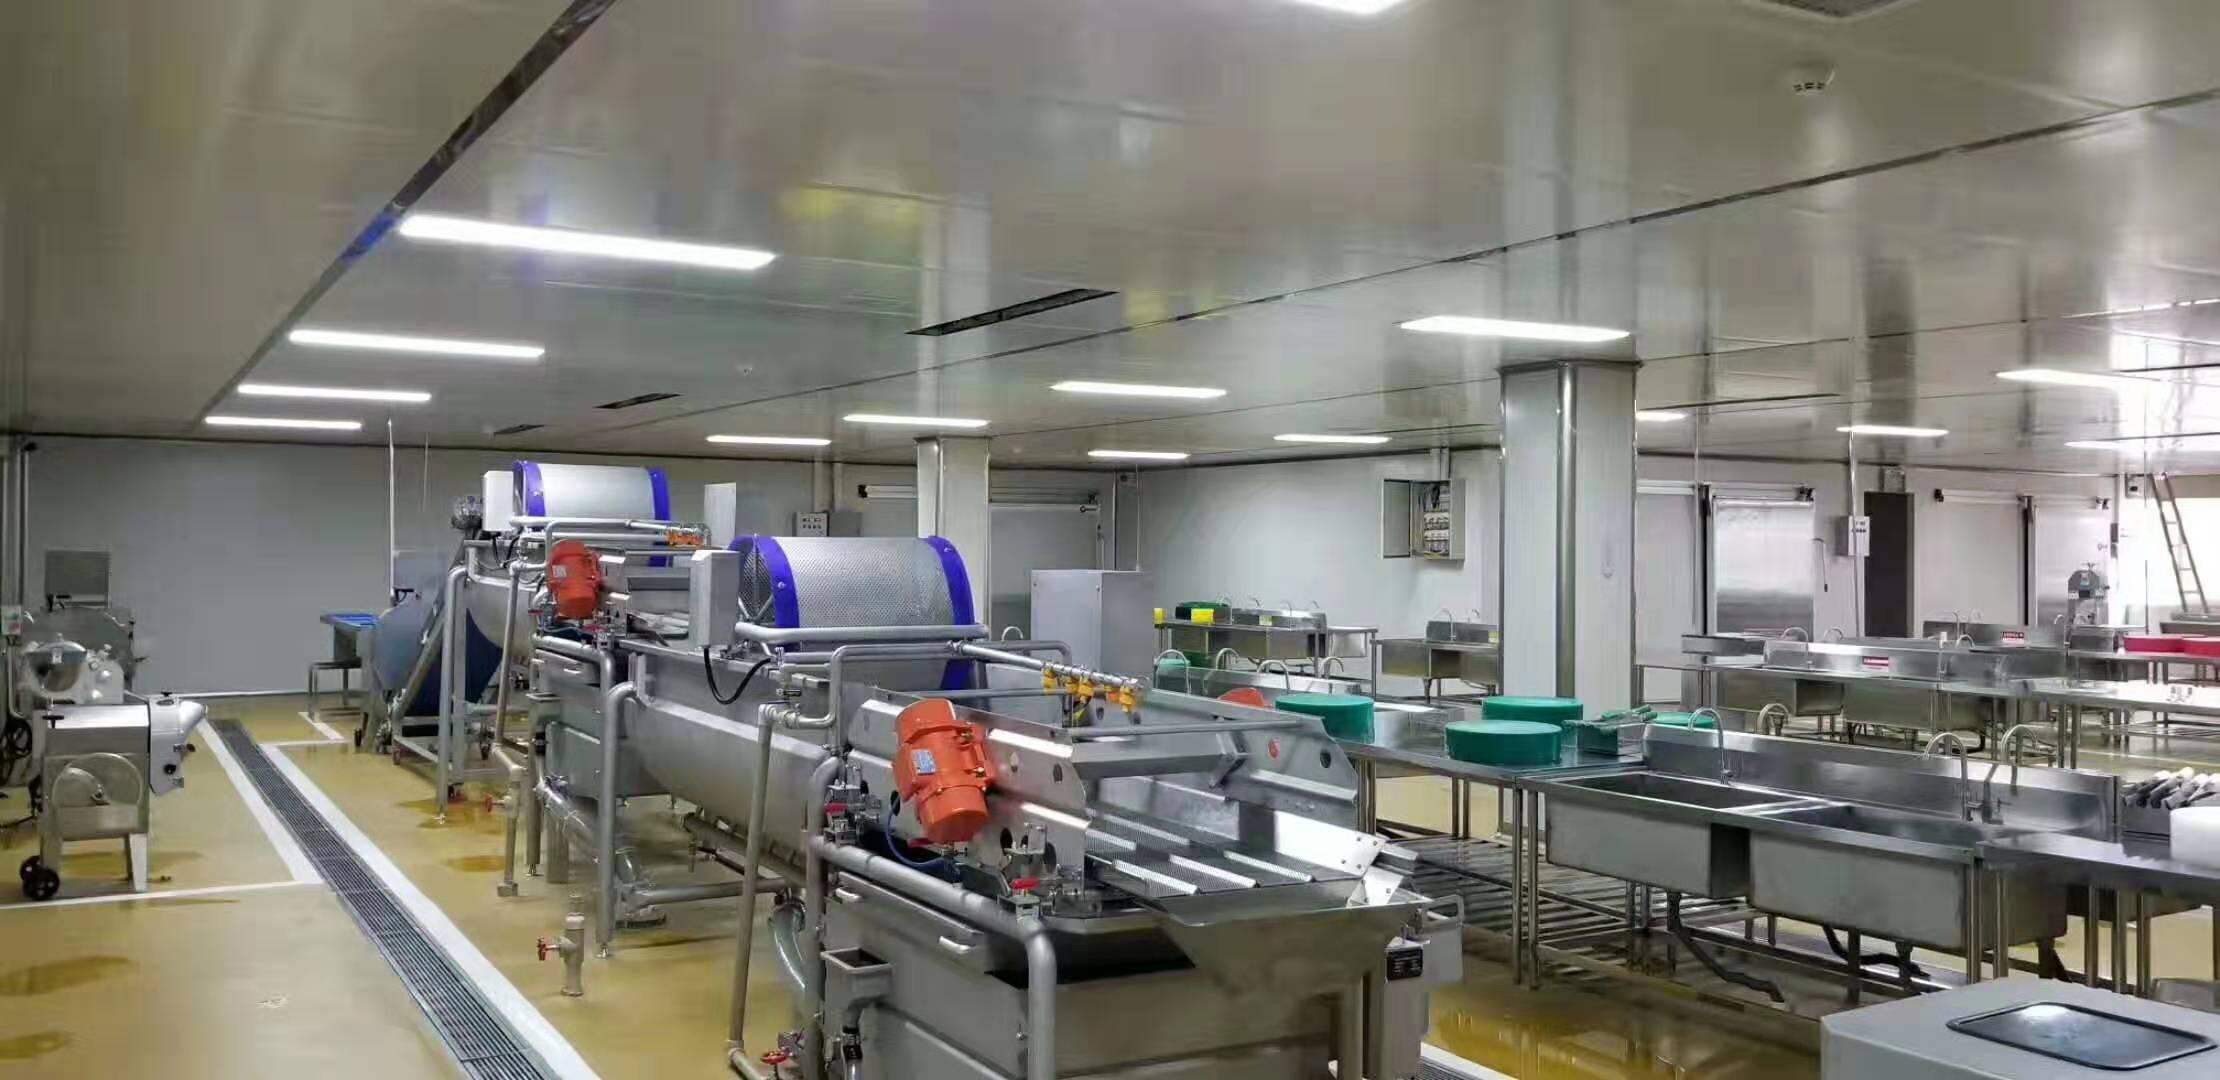 某中央廚房淨菜加工前道設備及蔬菜清洗流水線